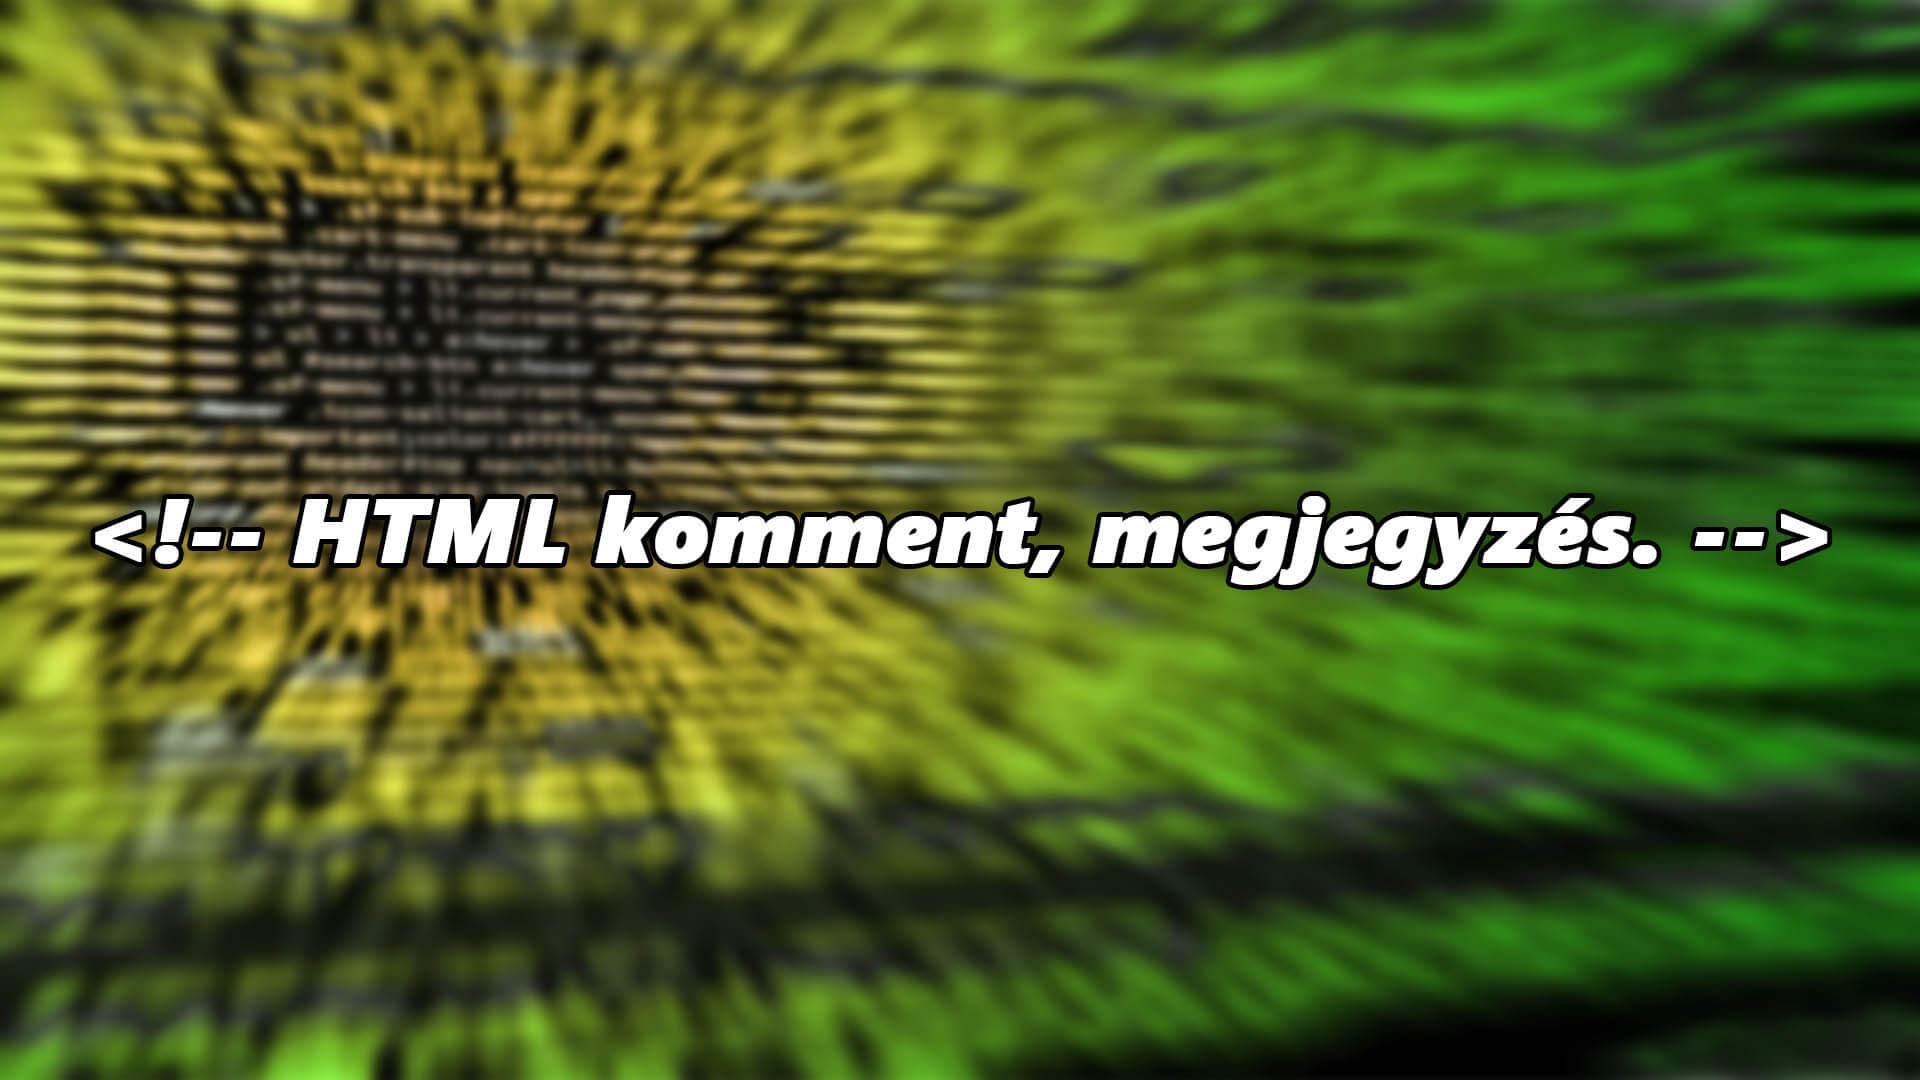 HTML kommentek, megjegyzések cikk nyitóképe